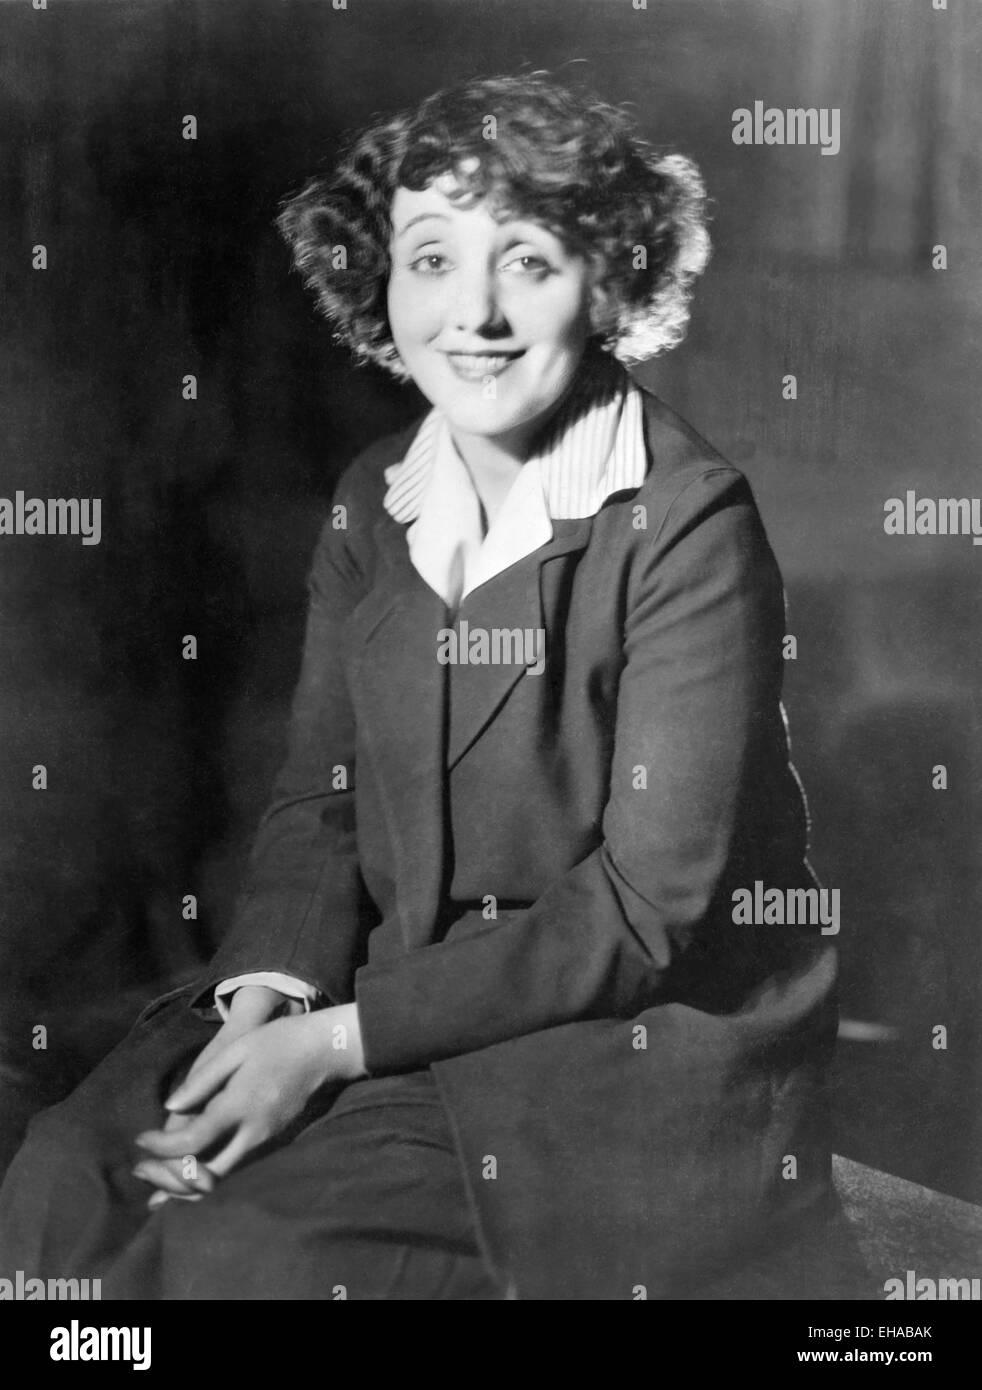 Laurette Taylor, Smiling Portrait, 1924 - Stock Image